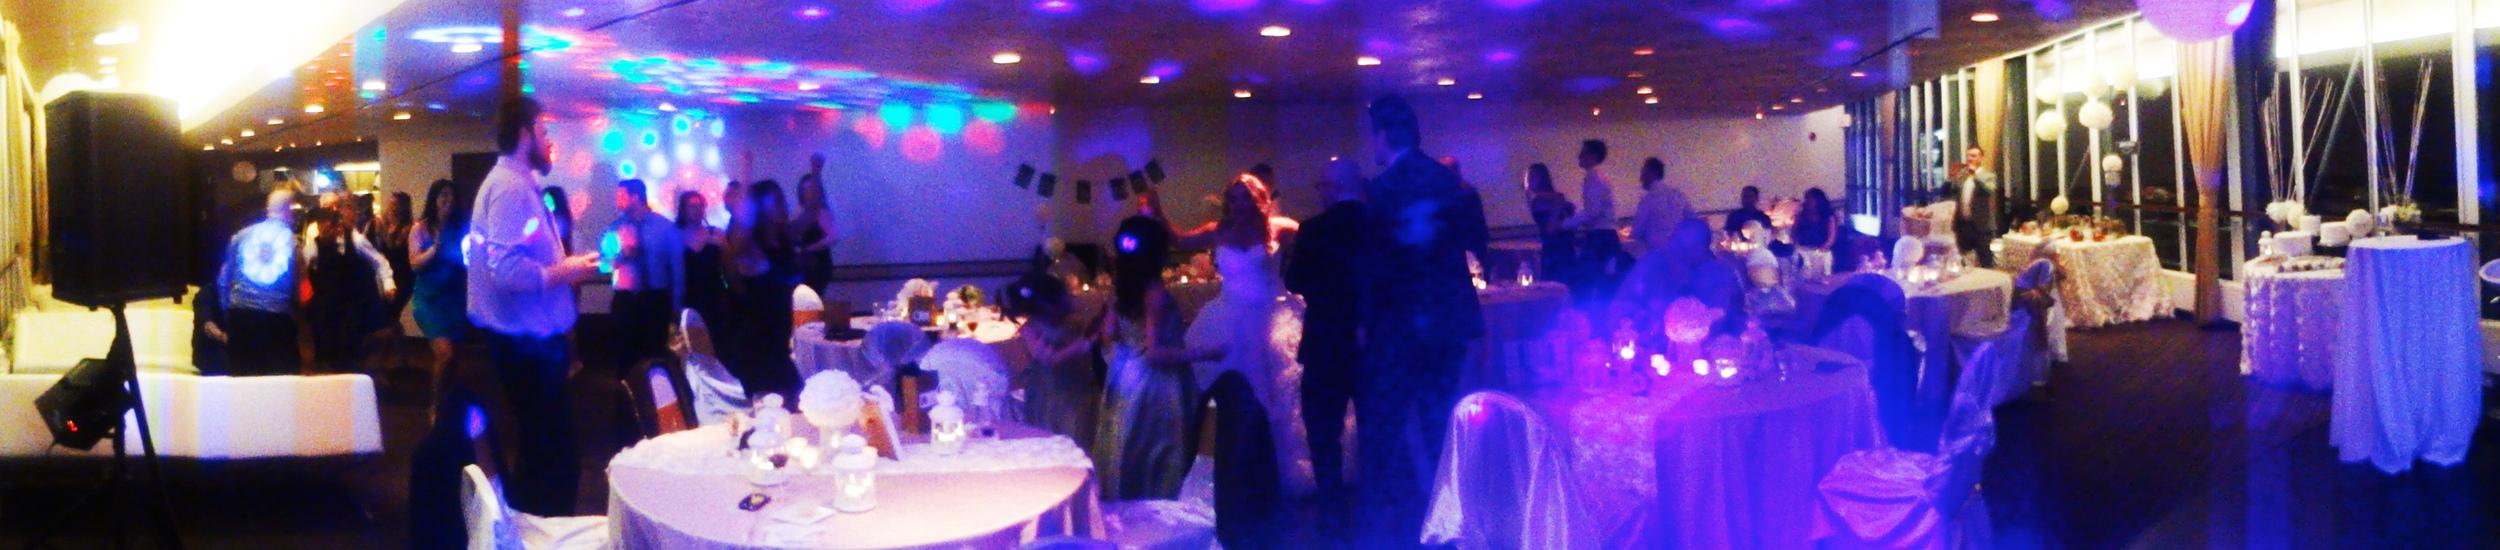 Bermudez Atlantis wedding 8.jpg